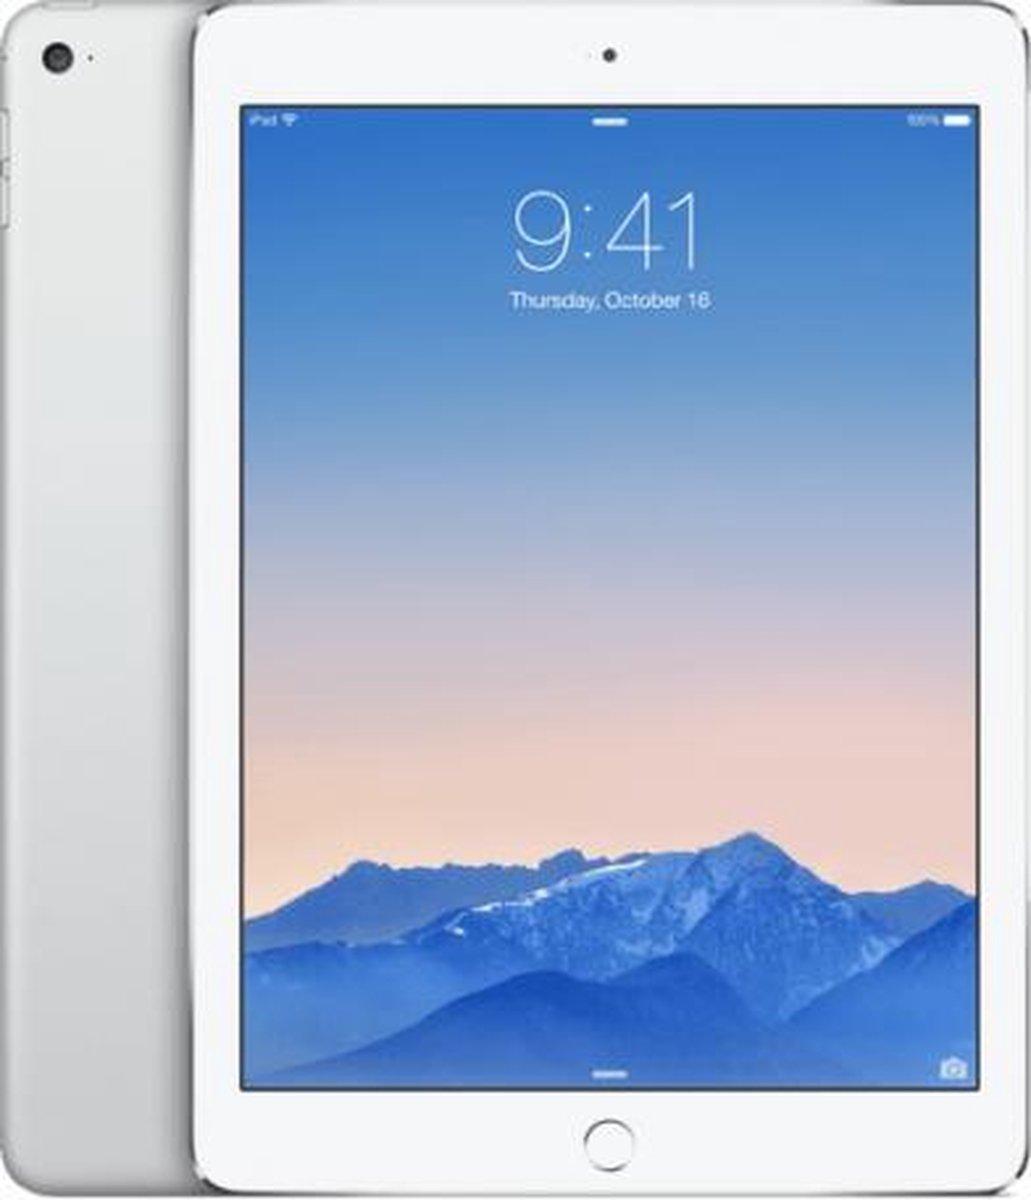 Apple iPad Air 2 128GB Wifi wit - Zo goed als nieuw - 2 Jaar Garantie